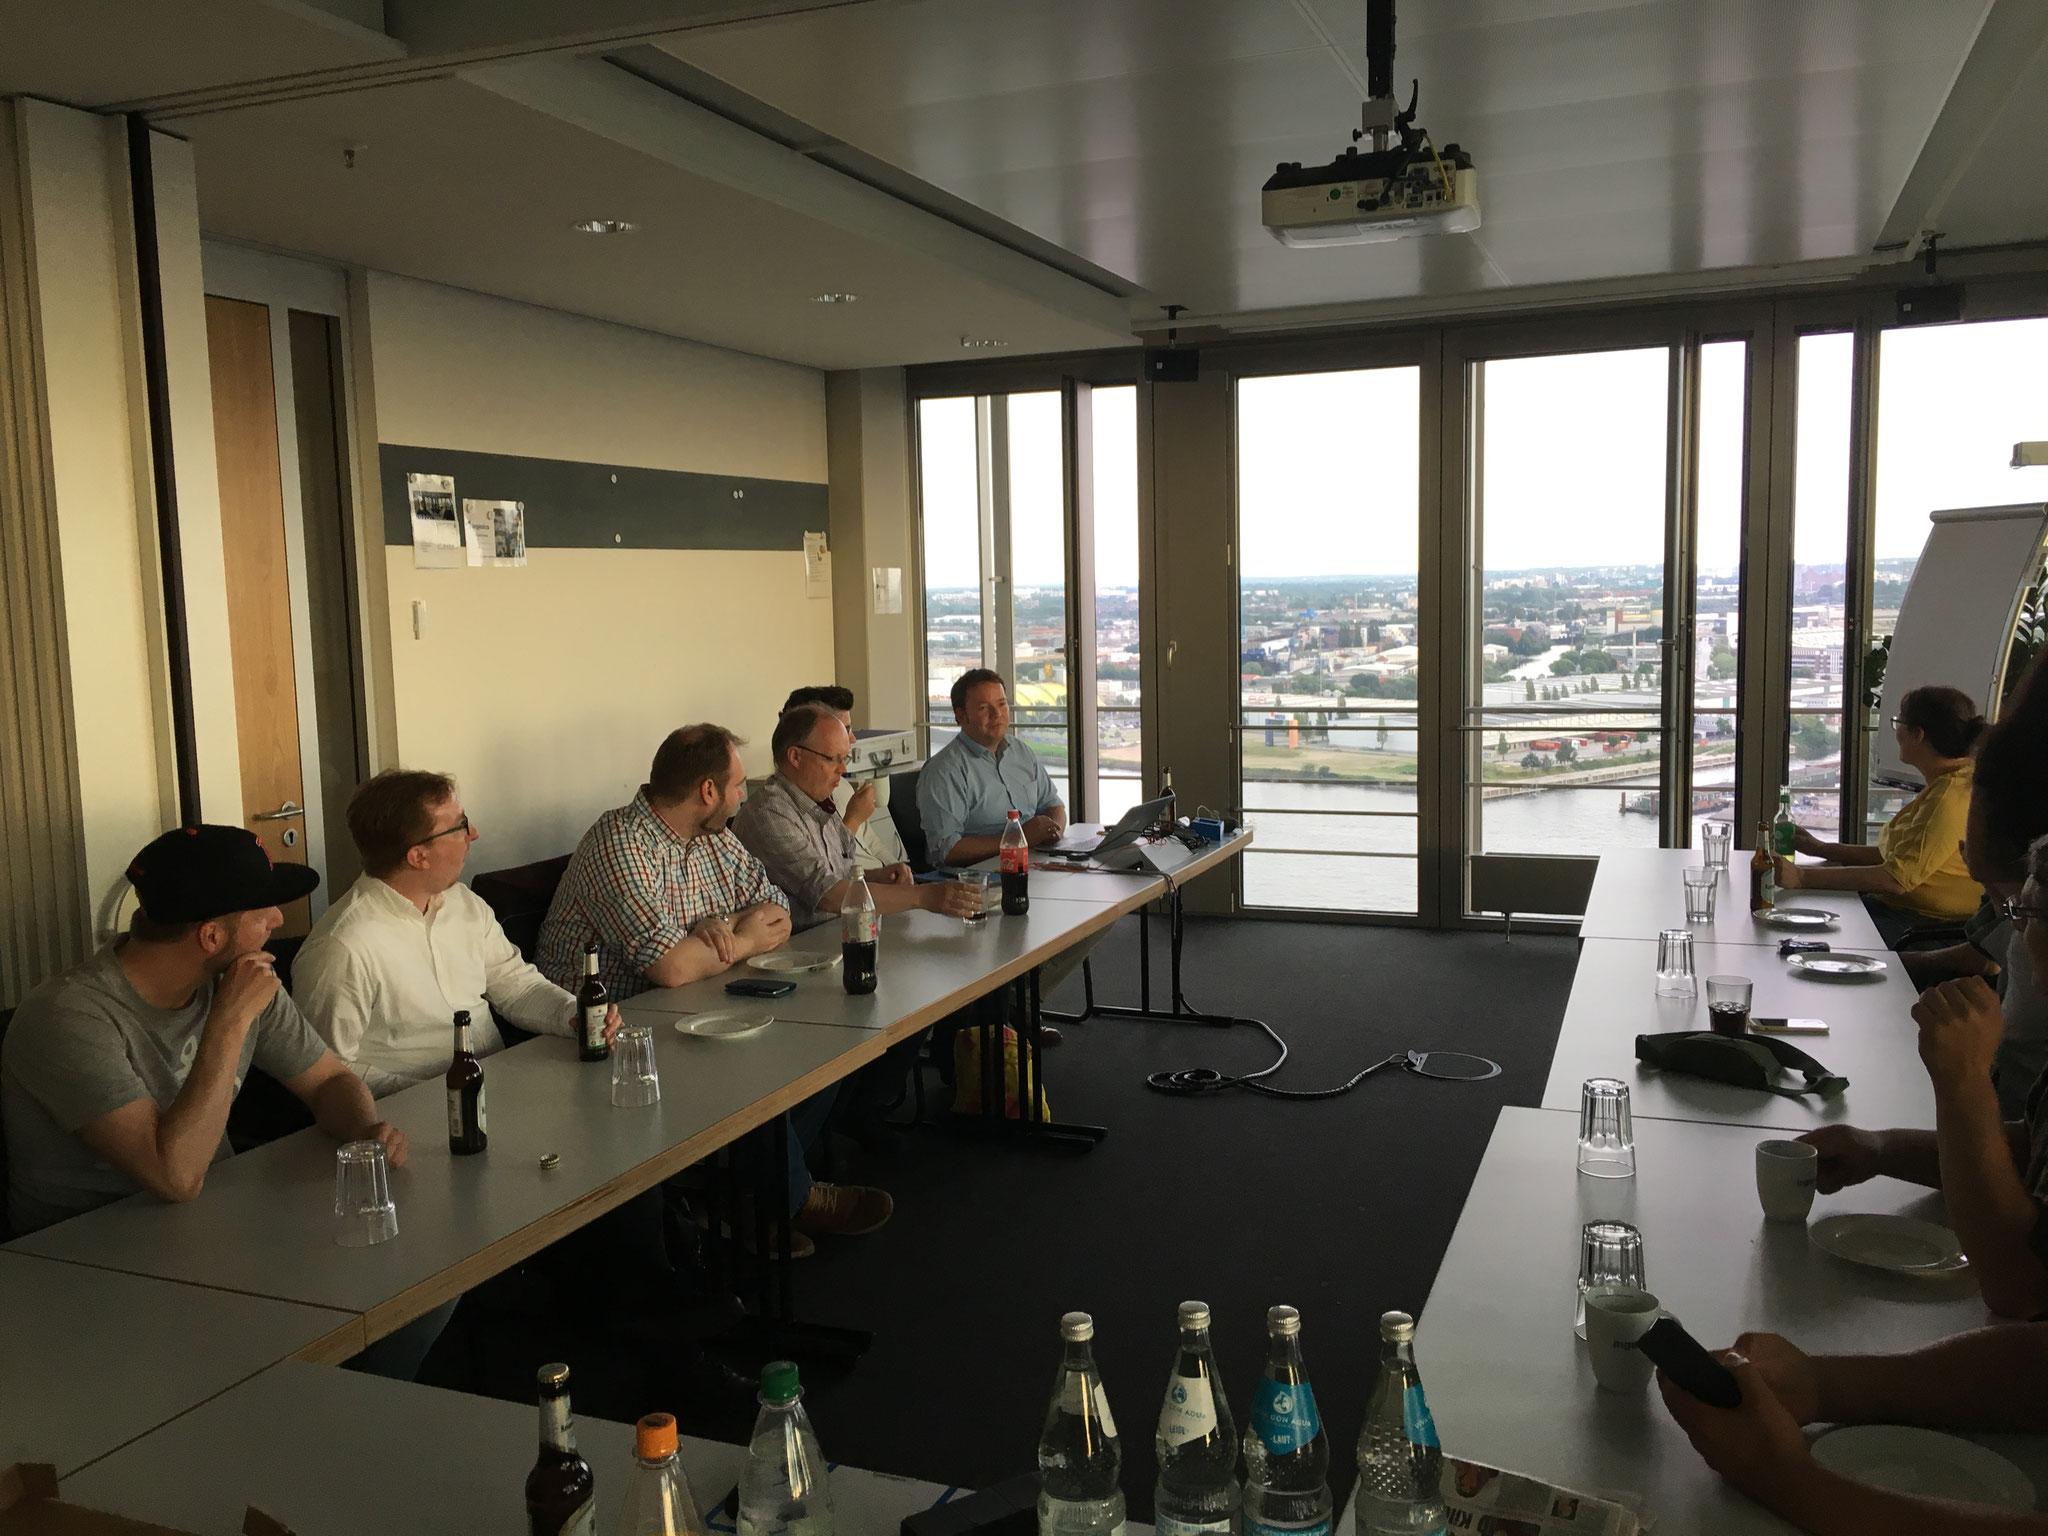 Mitgliederversammlung mit Blick über den Hamburger Hafen